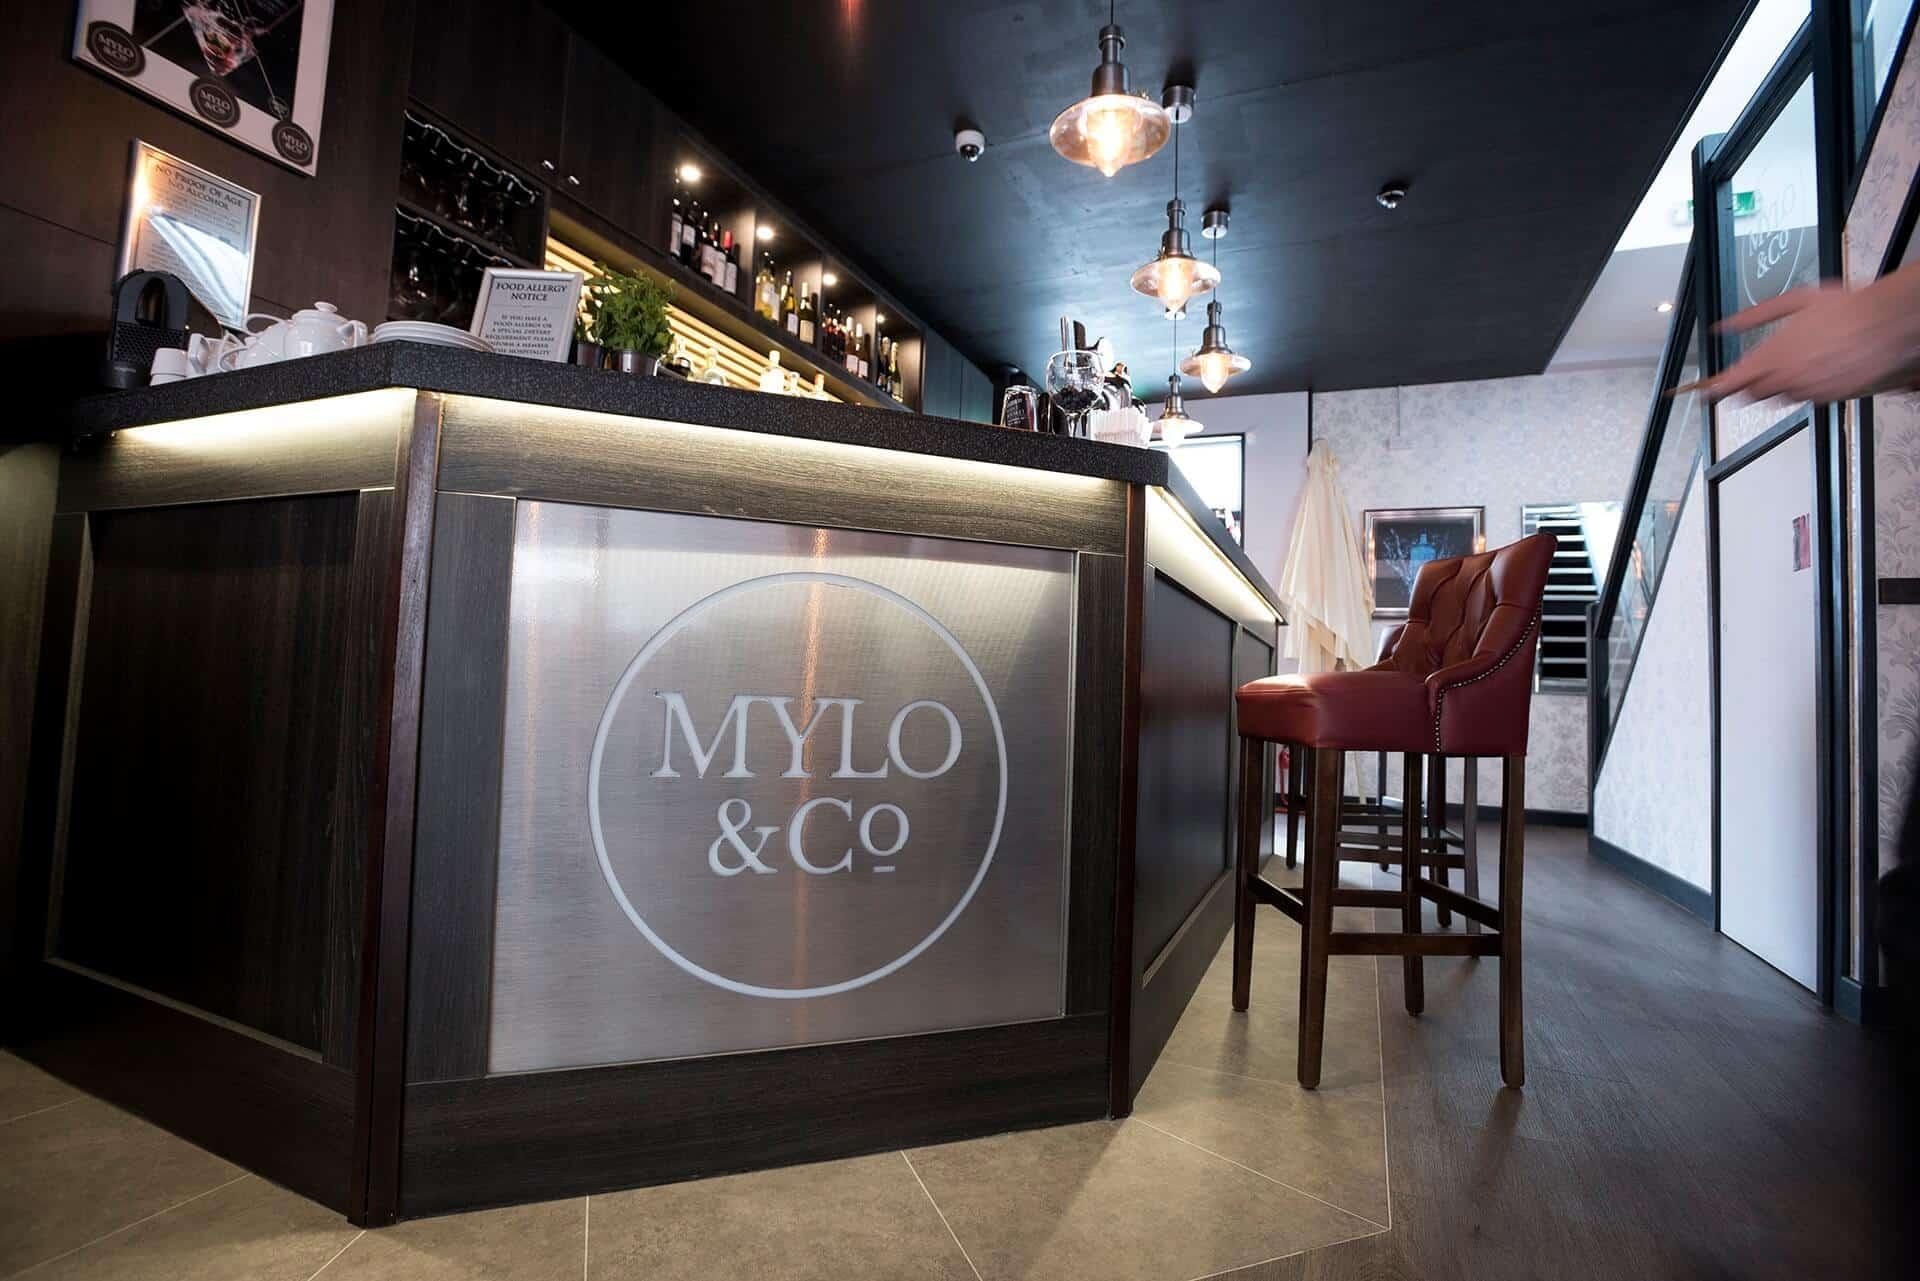 Mylo & Co